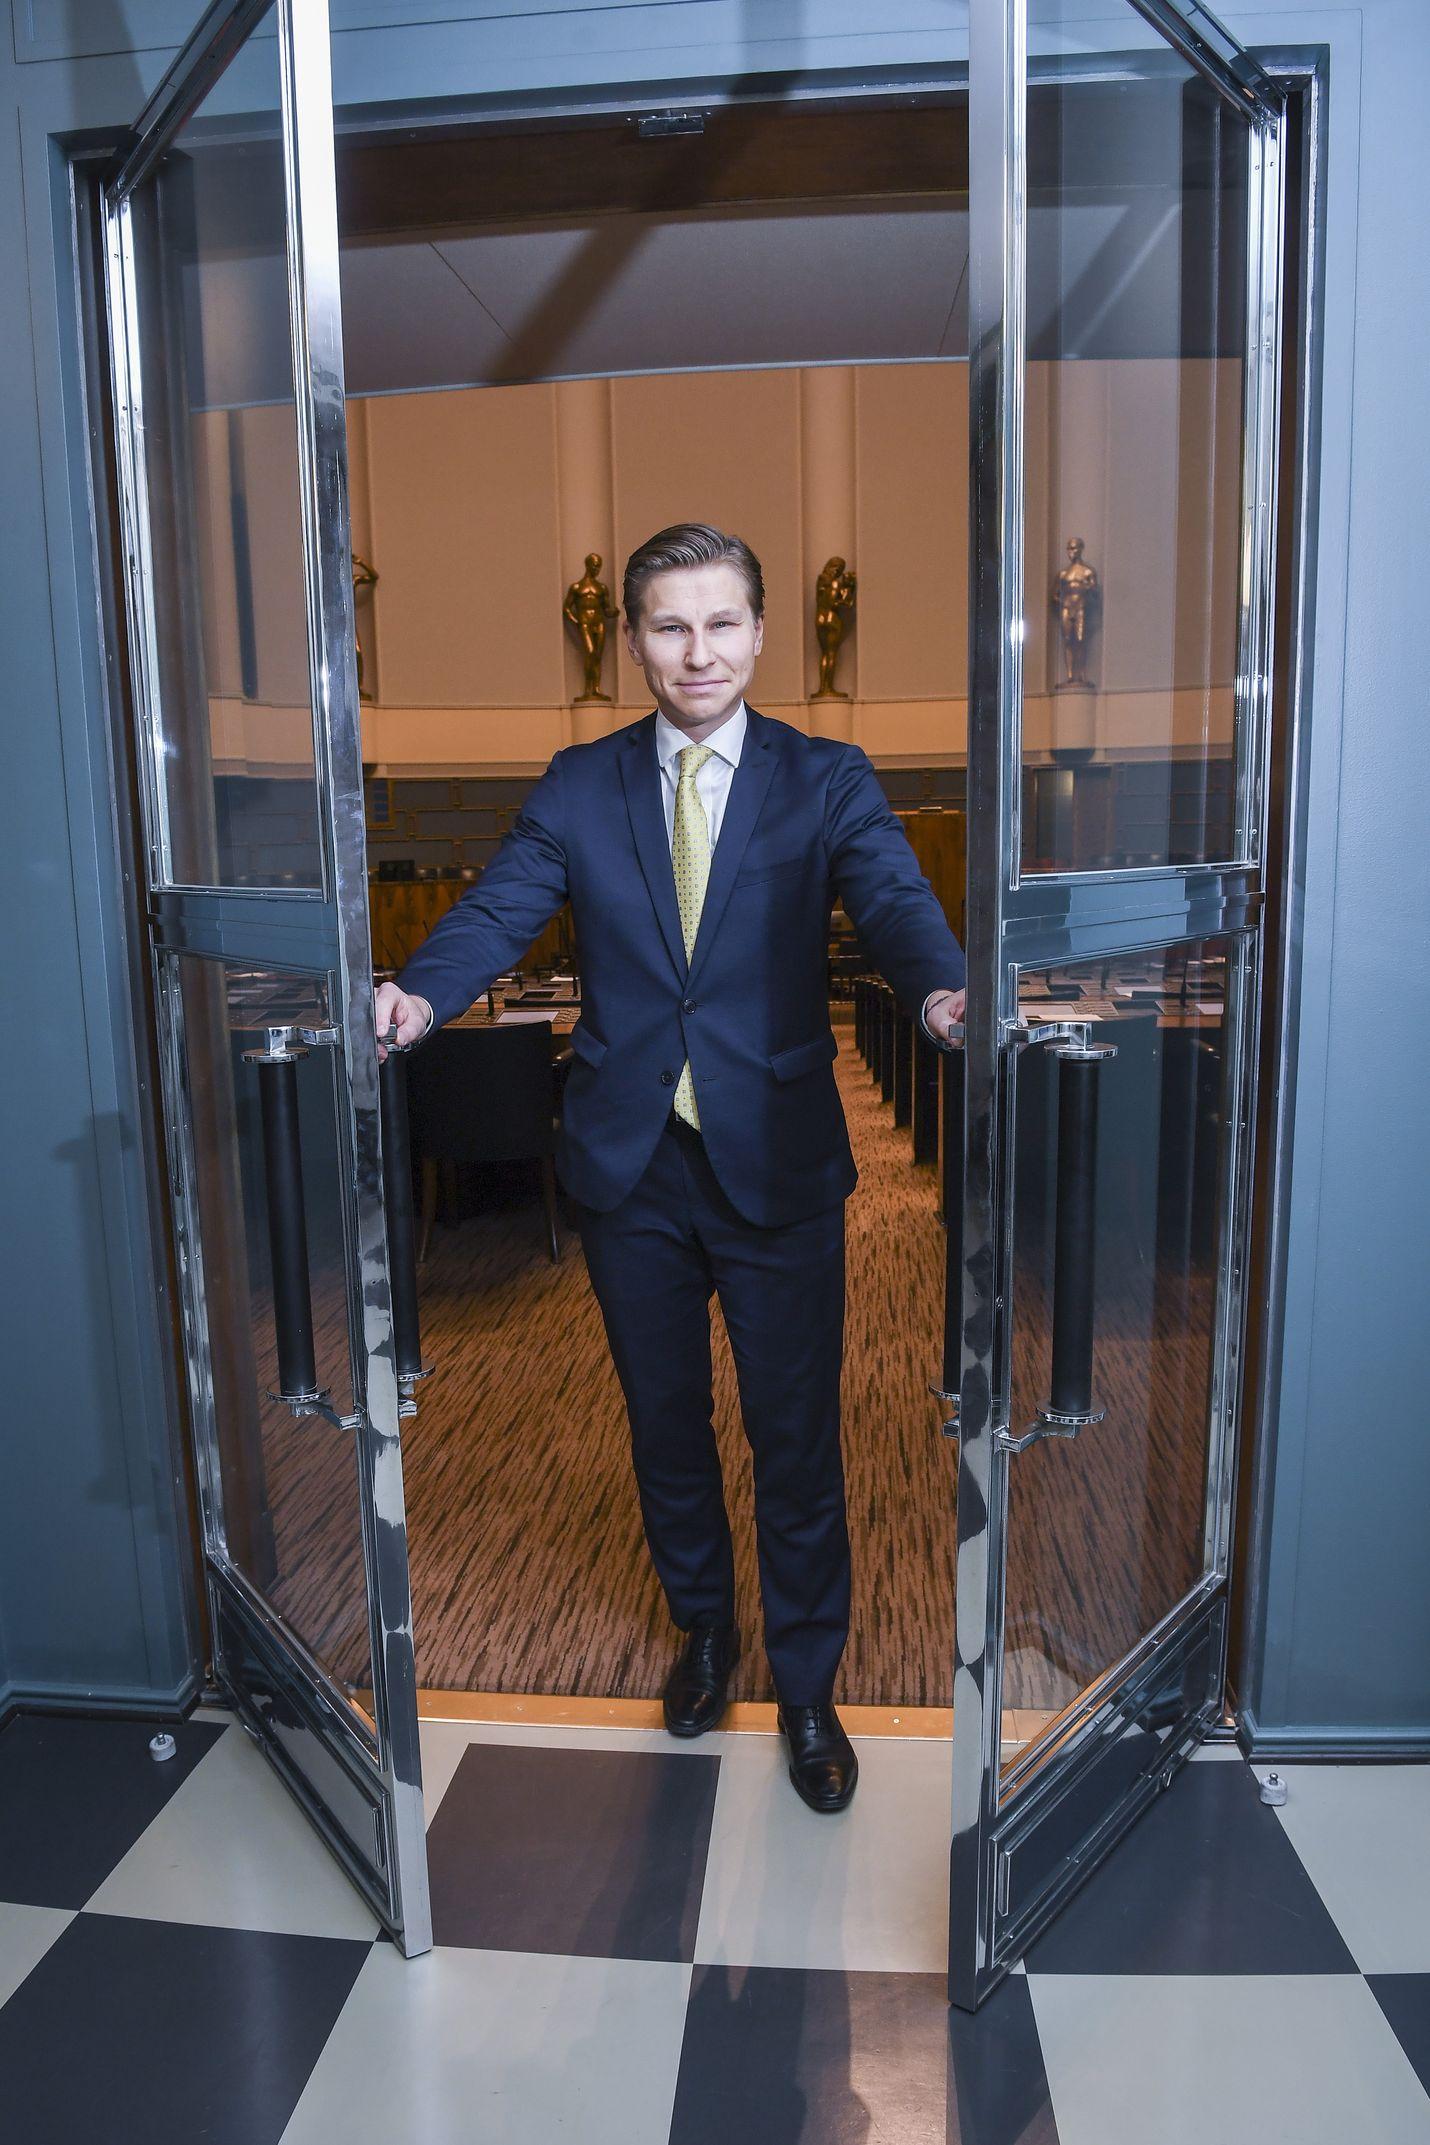 Antti Häkkänen jättää ensi kesän puoluekokousta ajatellen pienen takaportin auki, jos olosuhteet dramaattisesti muuttuvat tai henkilöt tekevät jotain yllättävää.